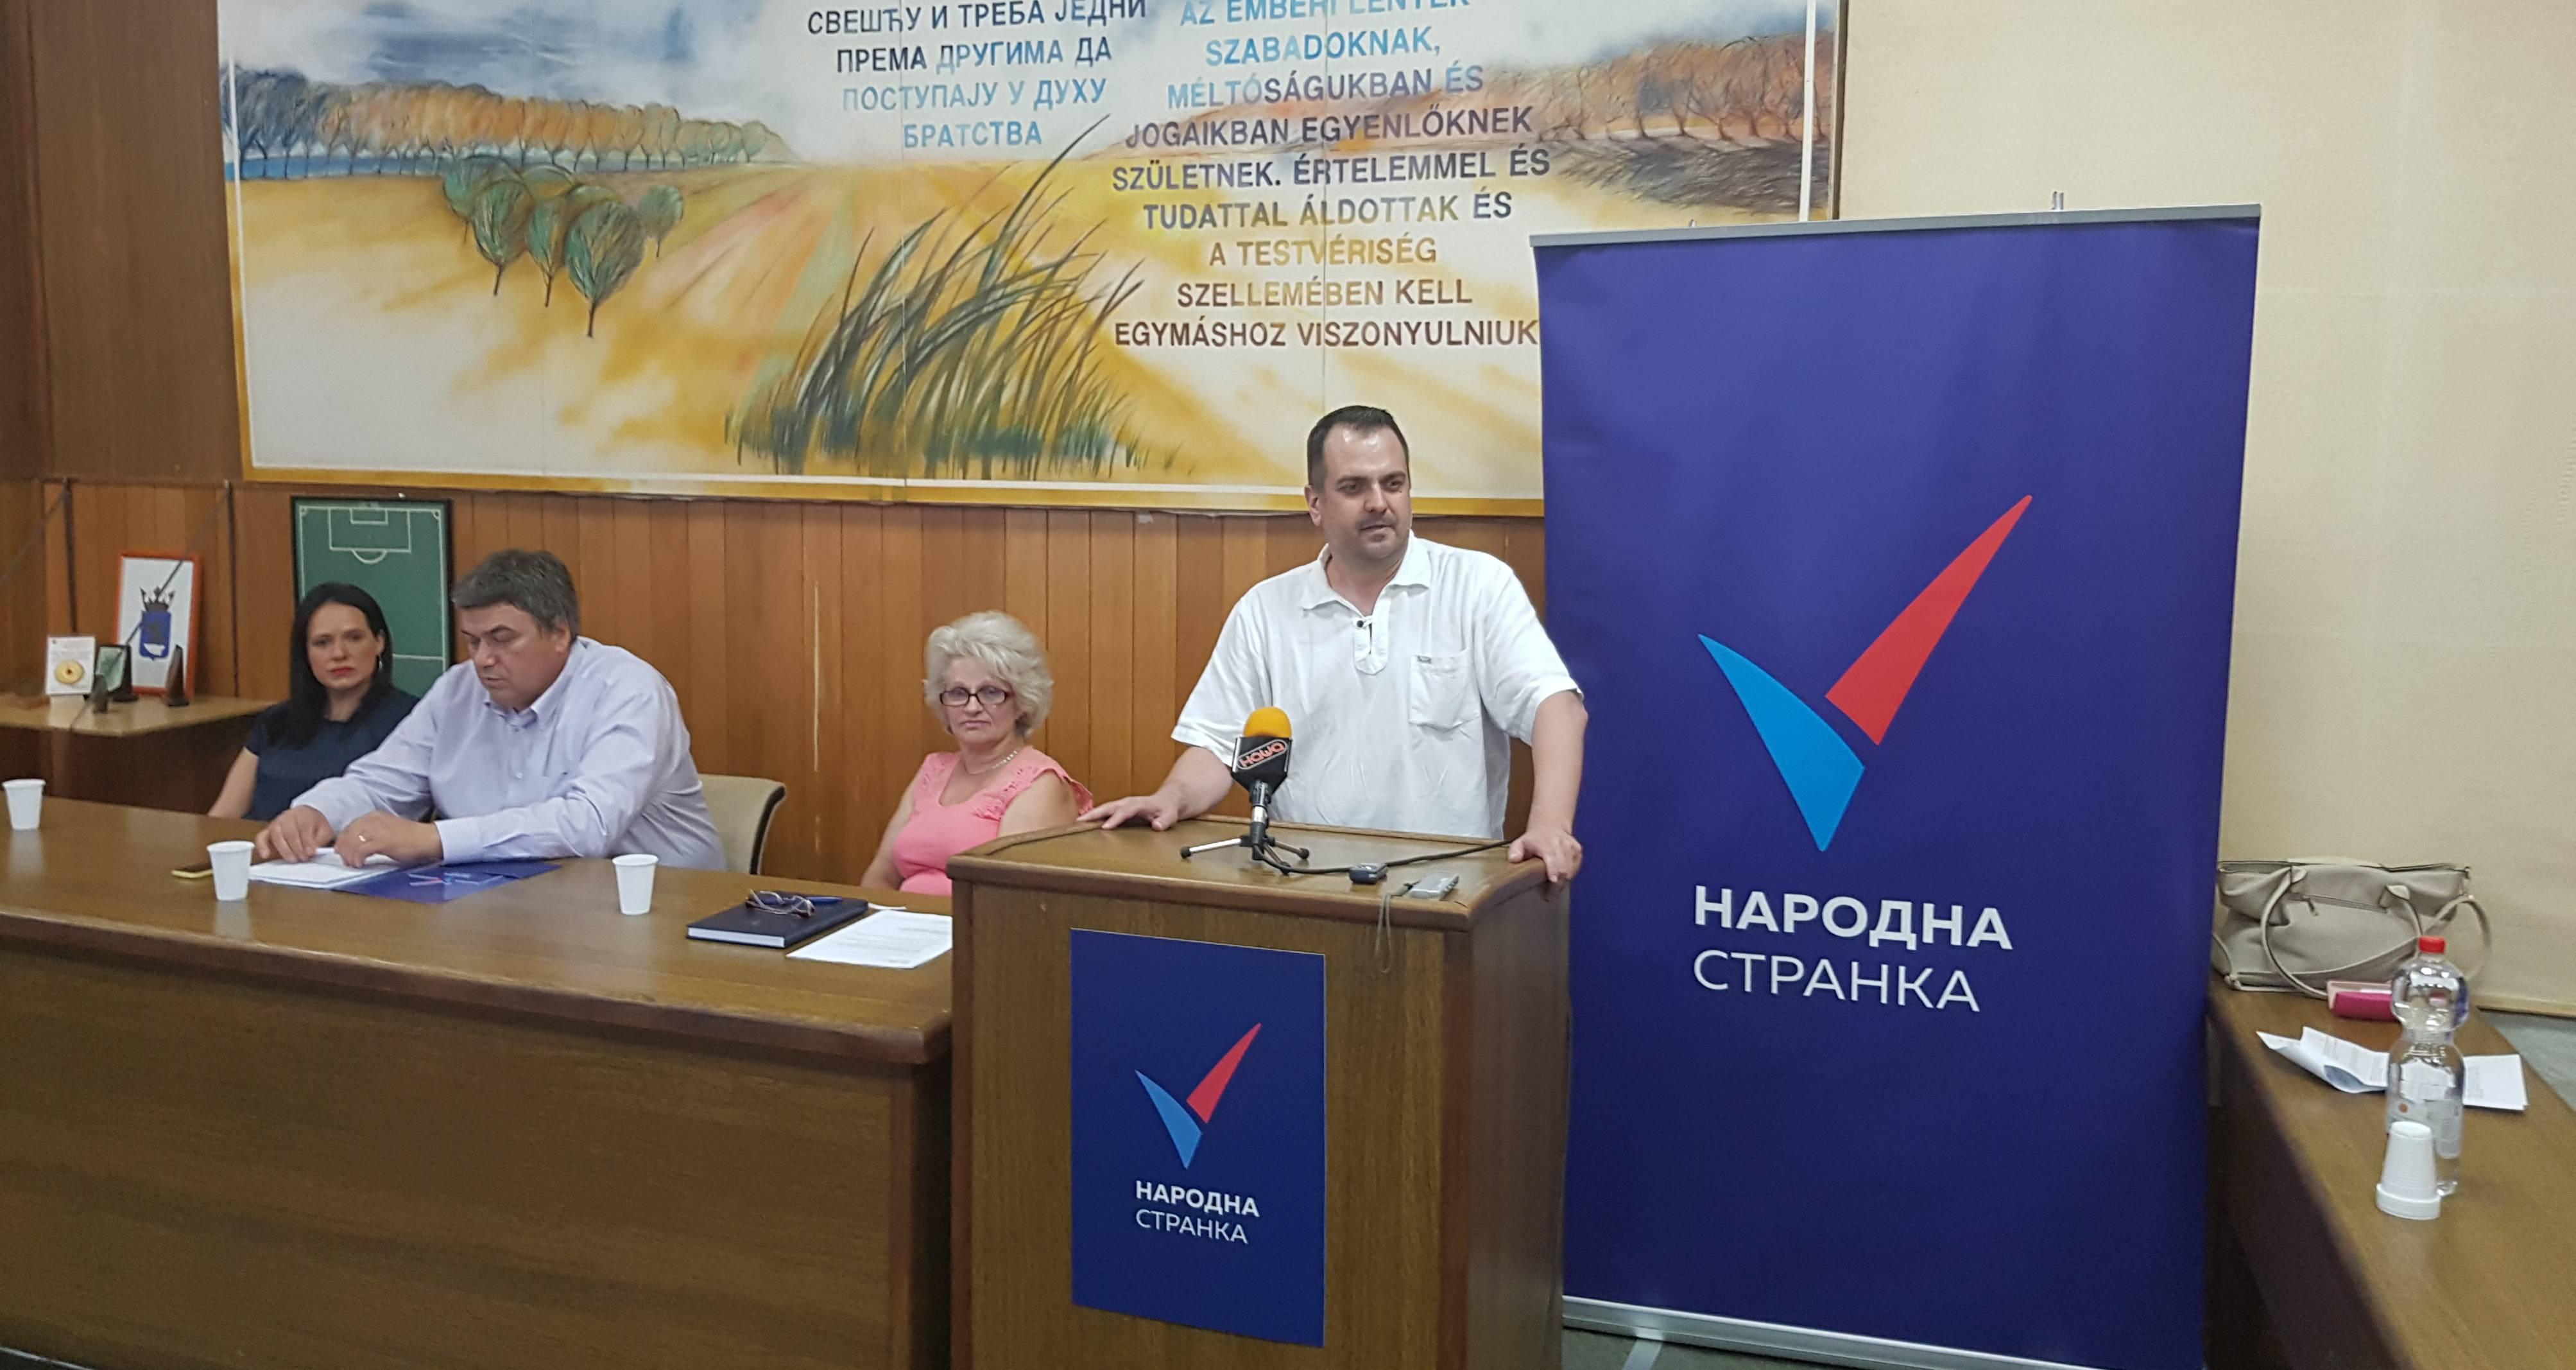 Добросављевић: Признавање Косова није компромис и противно је интересу грађана Србије